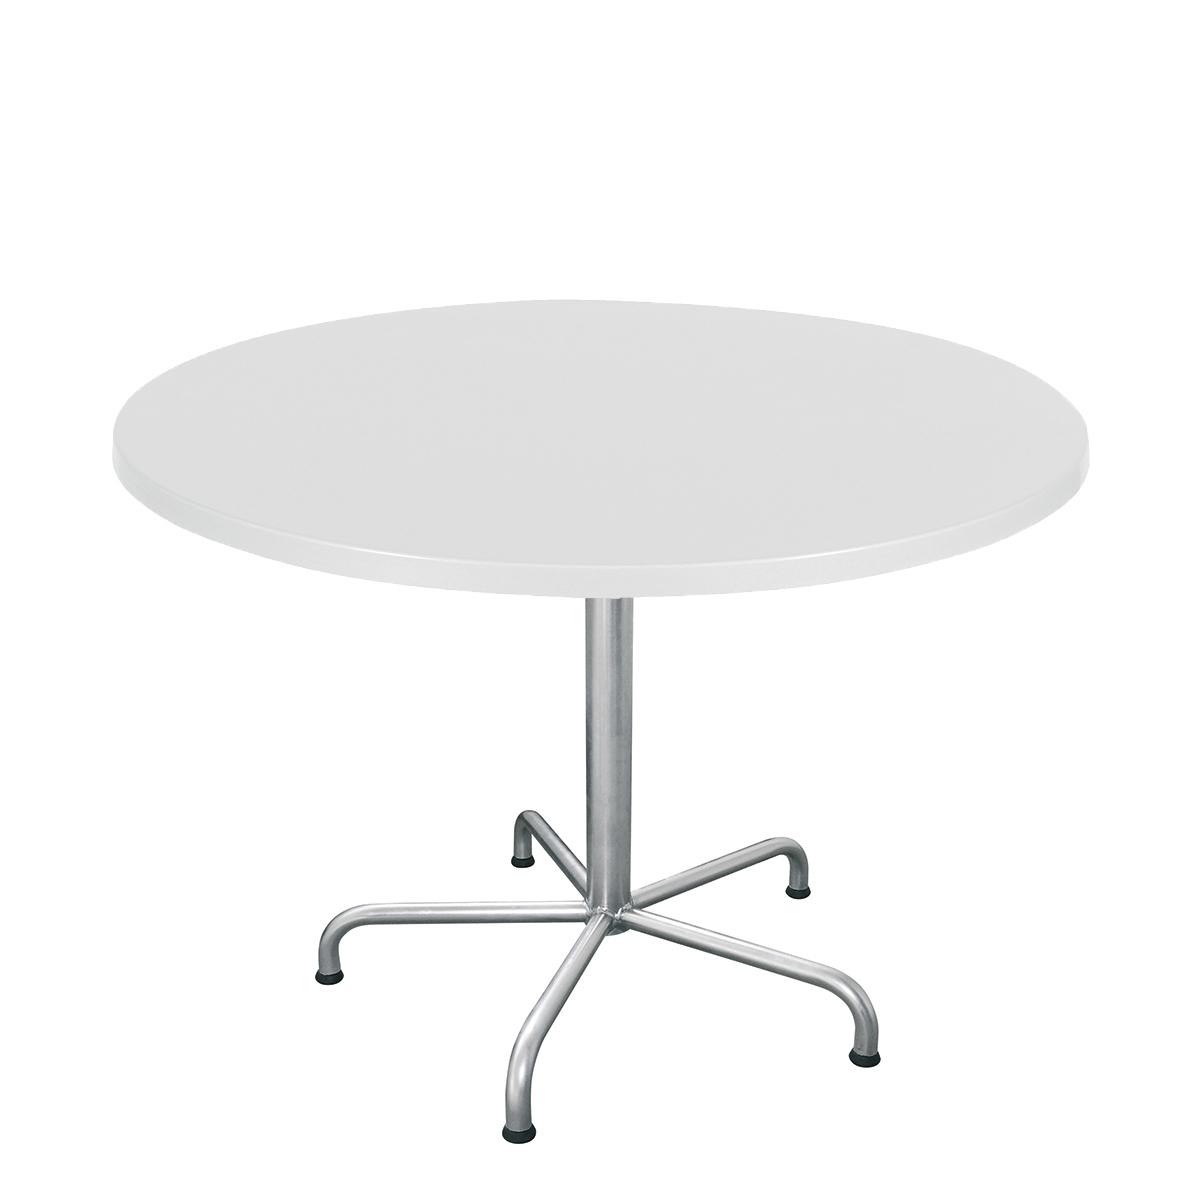 Table PRV blanc, brillant, Piétement électrozingué, 5-étoile Retro, D 100 x 3.5 cm, H 73 cm